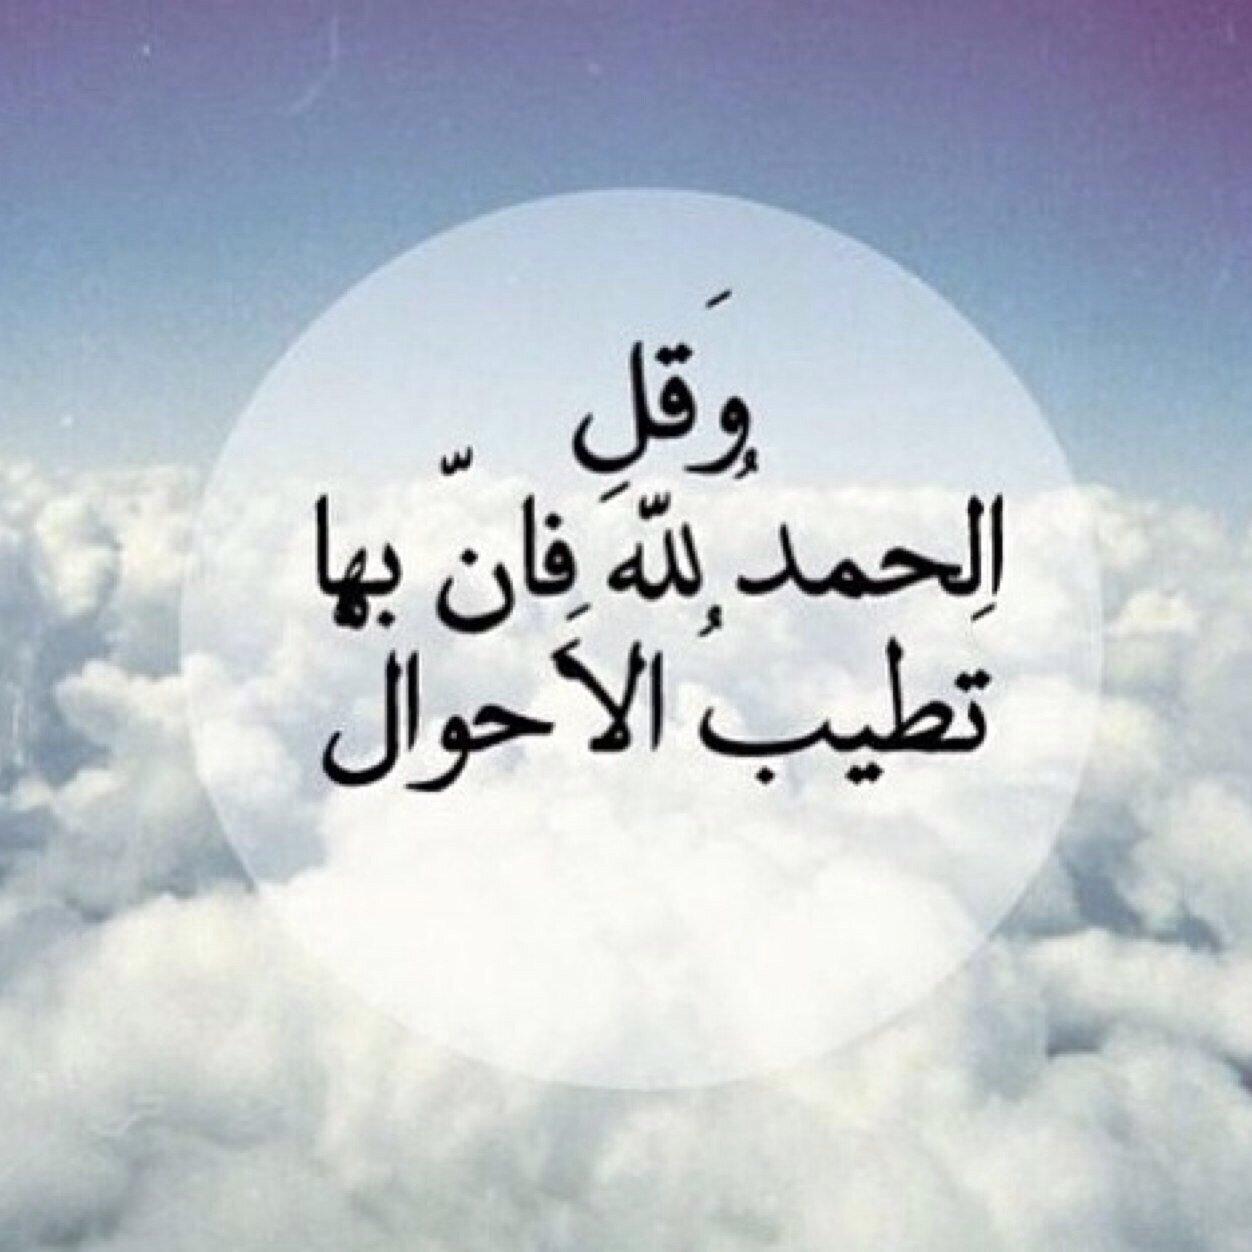 صورة ادعية اسلامية , شاهد اجمل الادعية الاسلامية في غاية الجمال